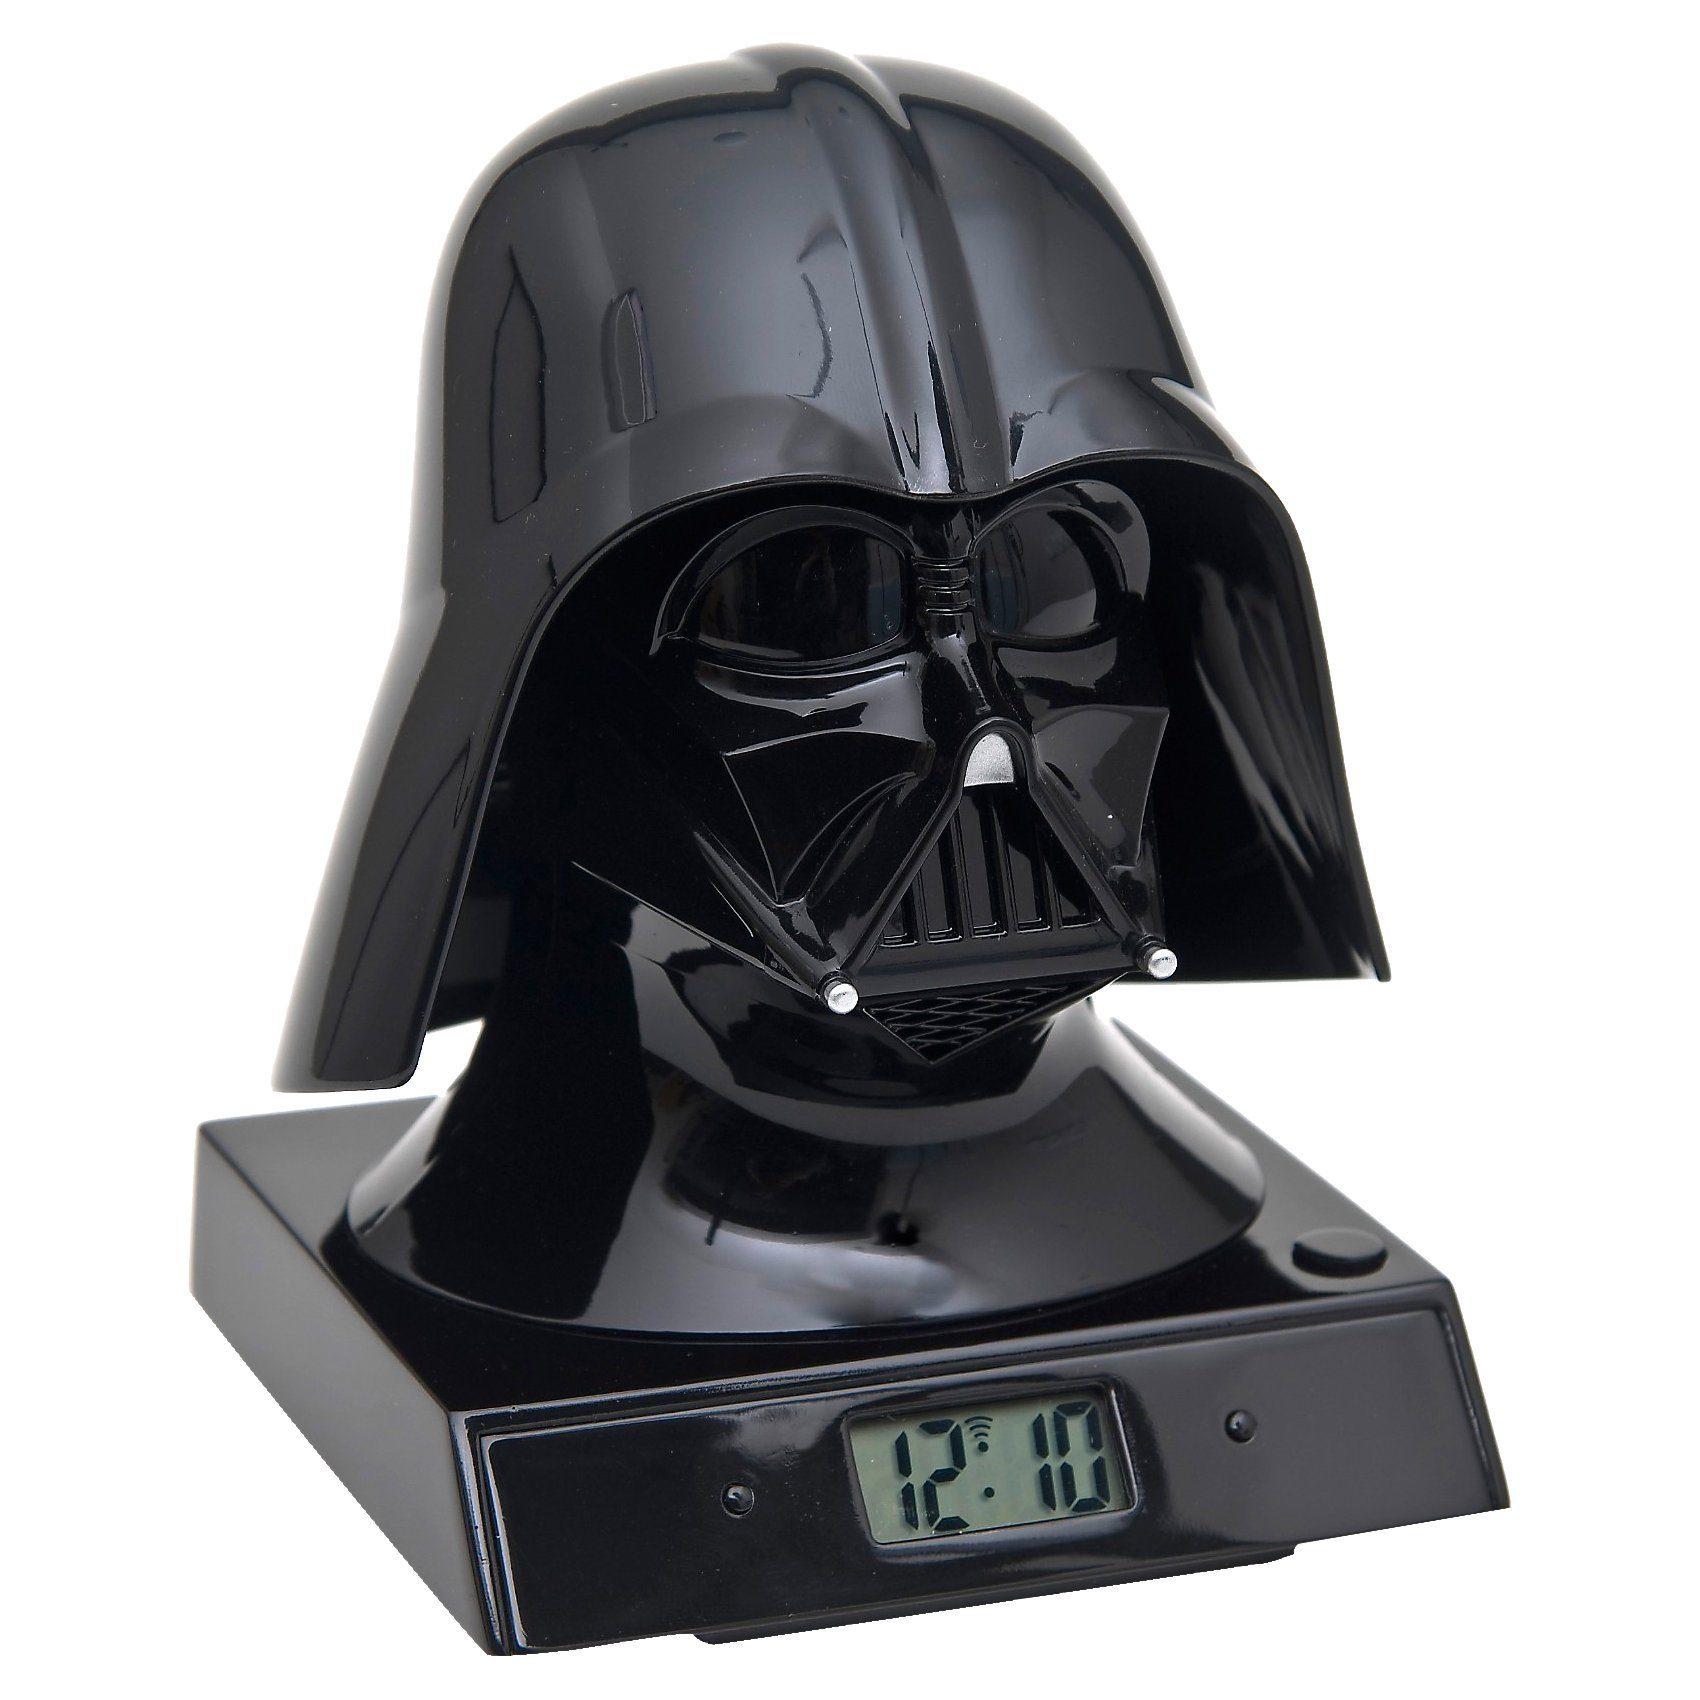 JOY TOY Star Wars Projektions-Wecker mit Sound, Darth Wader